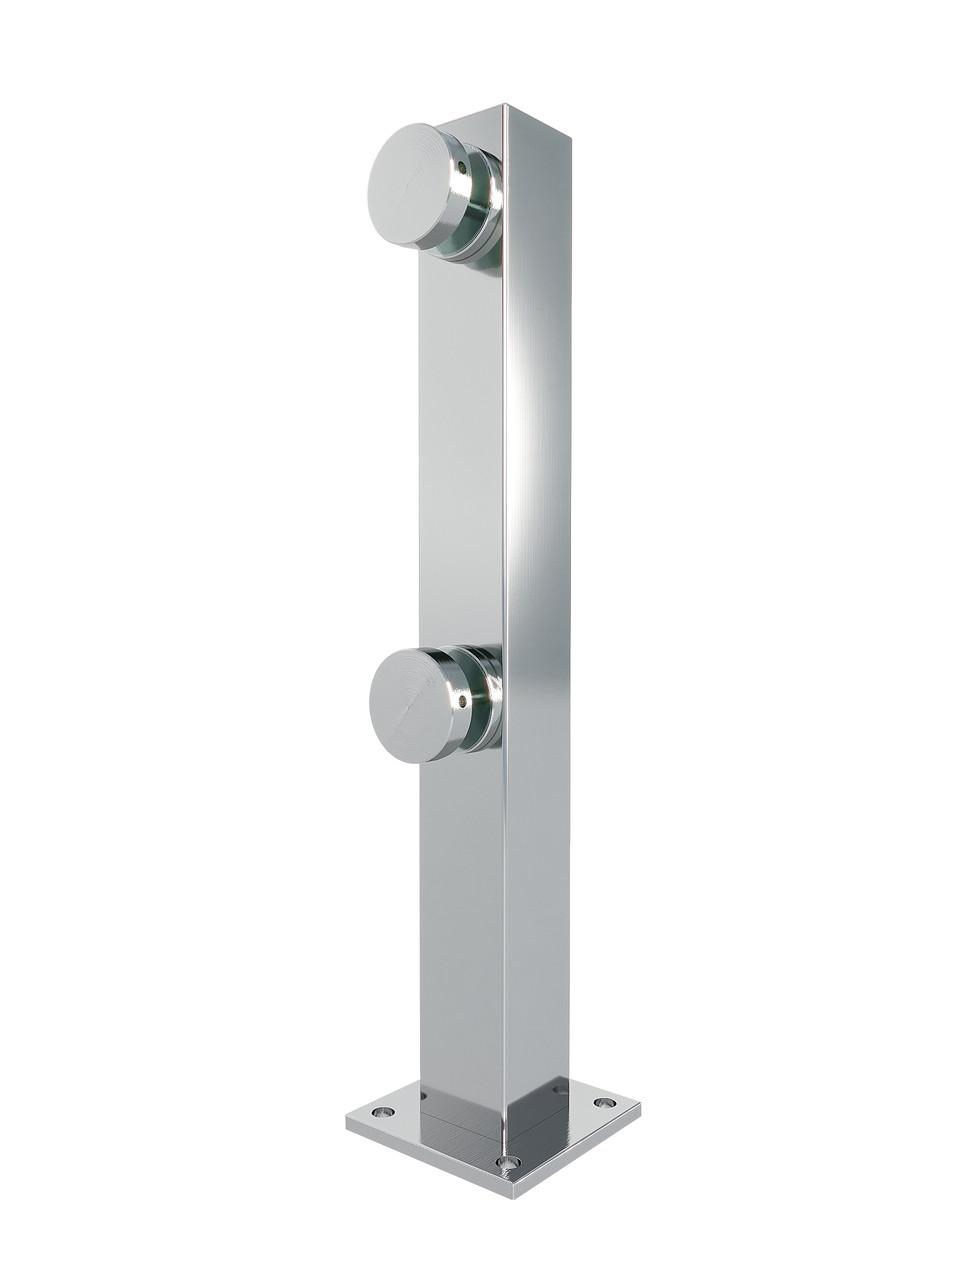 ODF-02-23-02-H360 Стойка для стекла из нержавейки с круглыми коннекторами, полированная